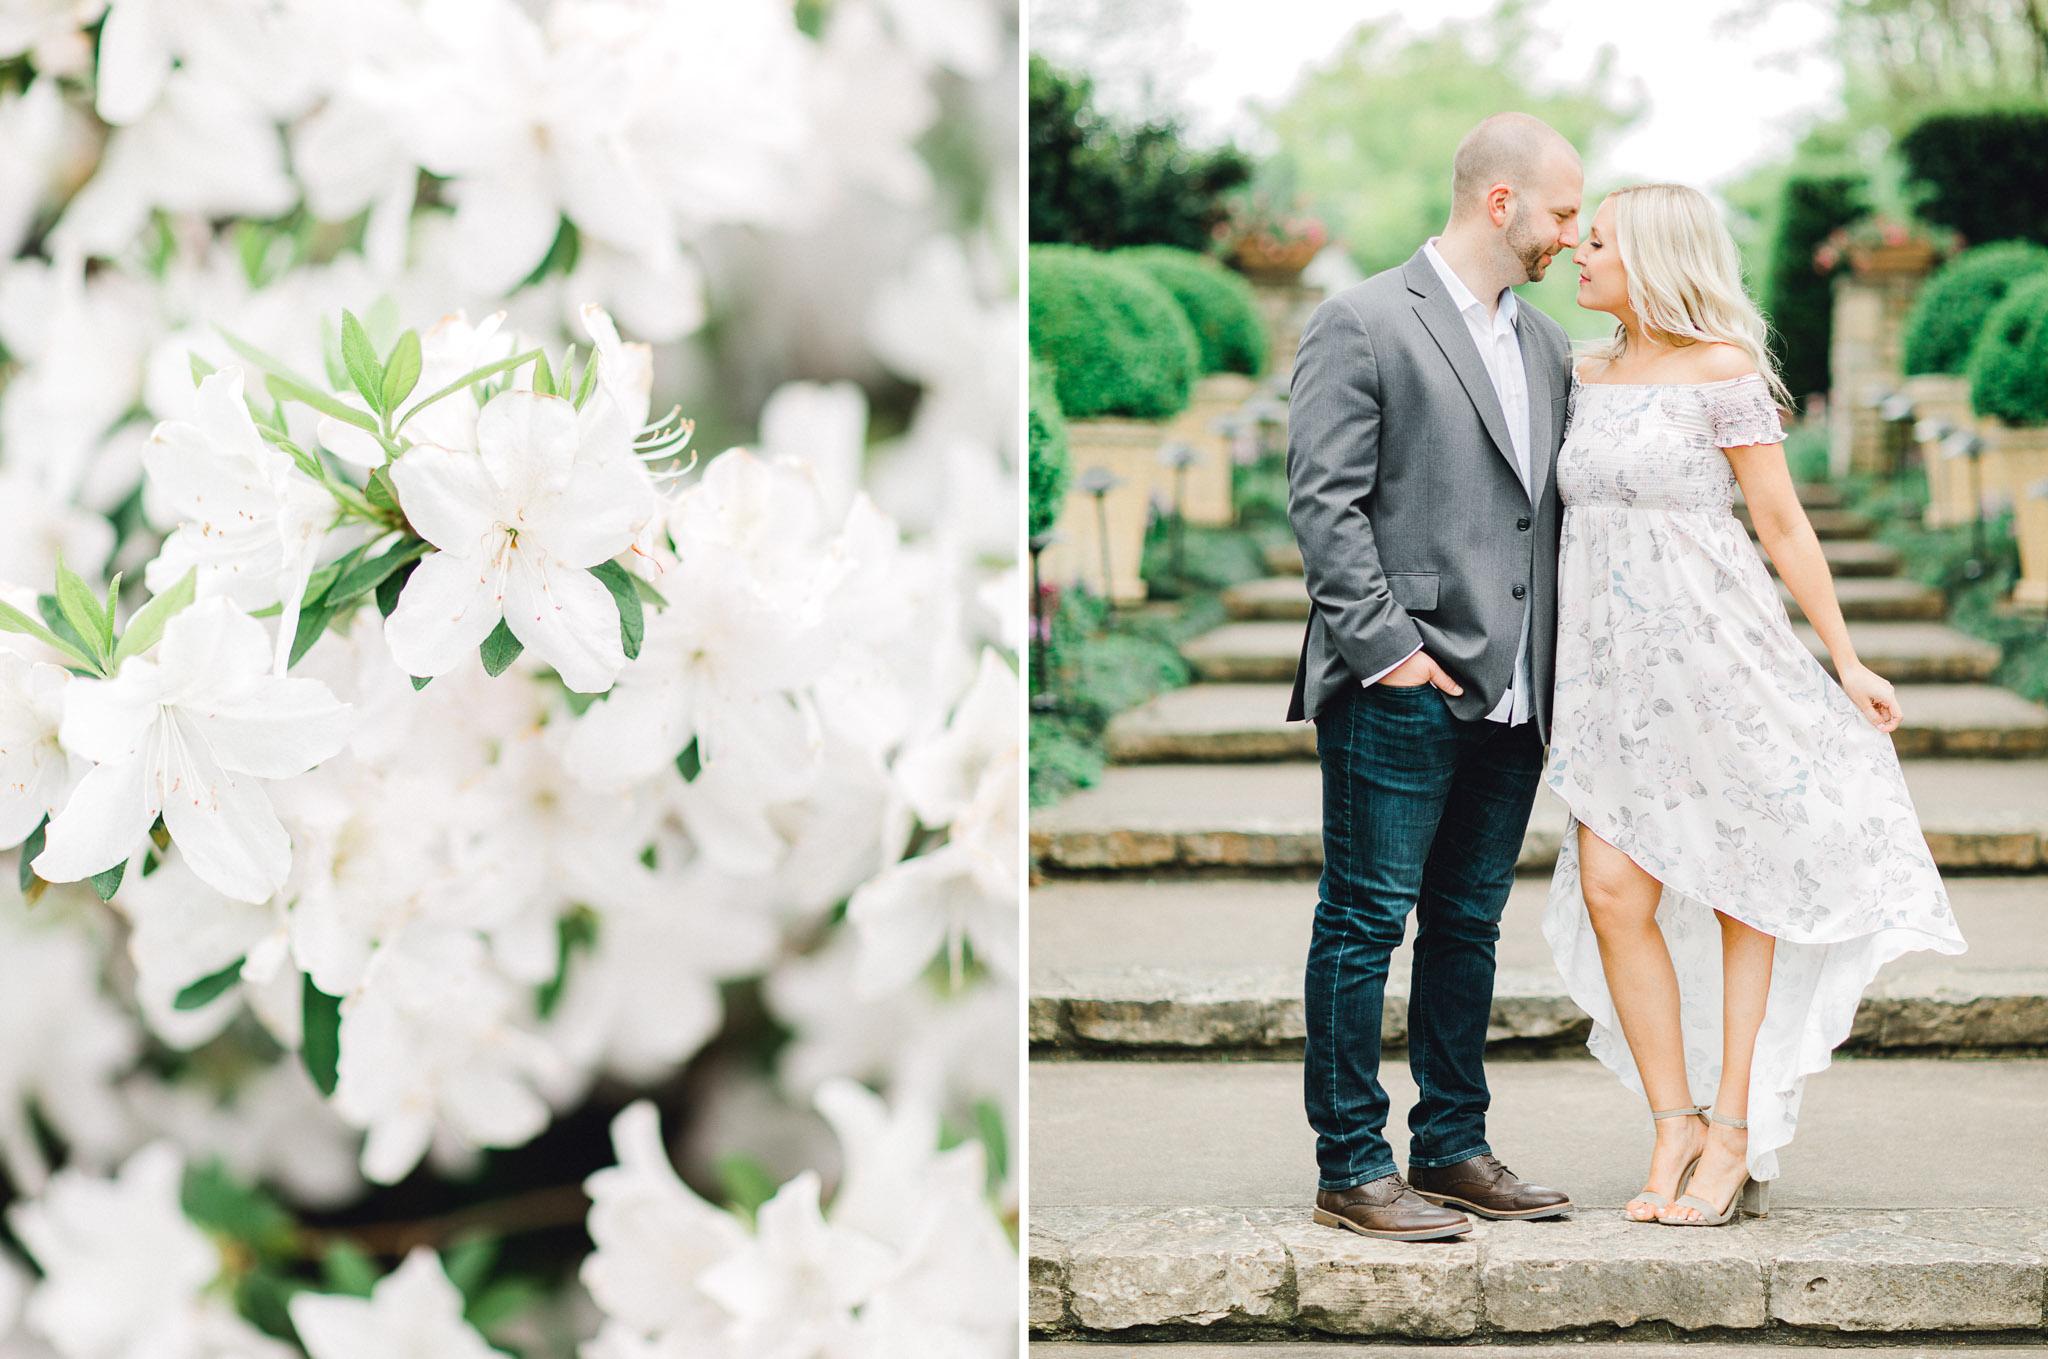 Dallas Arboretum Engagement Photos - Fine Art Photography